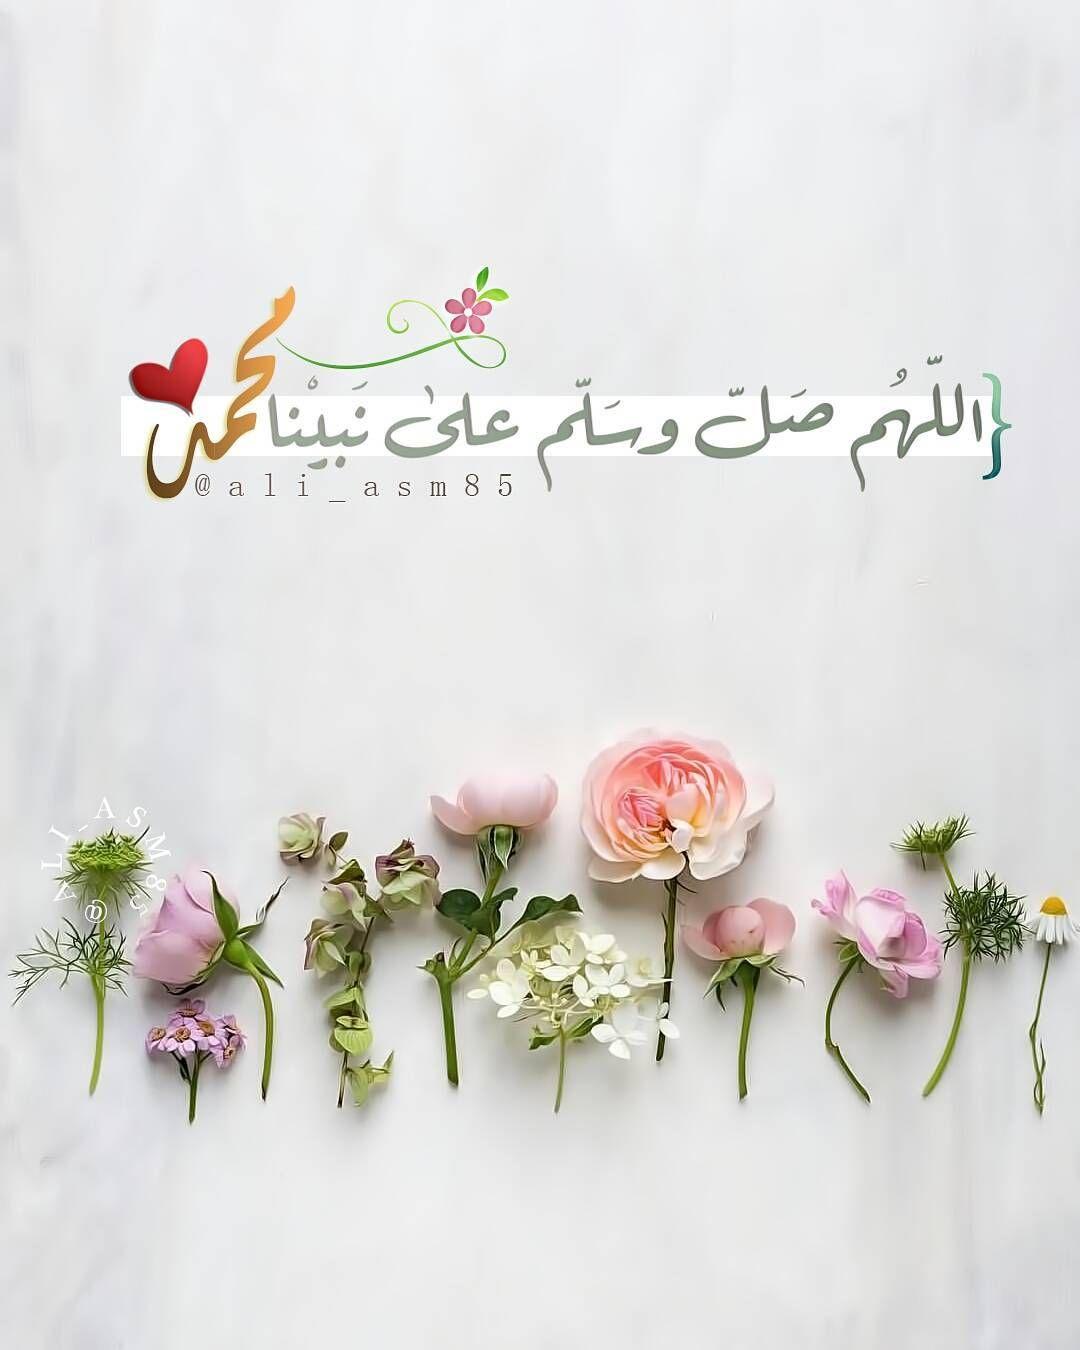 Desertroseاللهم صل وسلم وبارك على سيدنا محمد وعلى آله